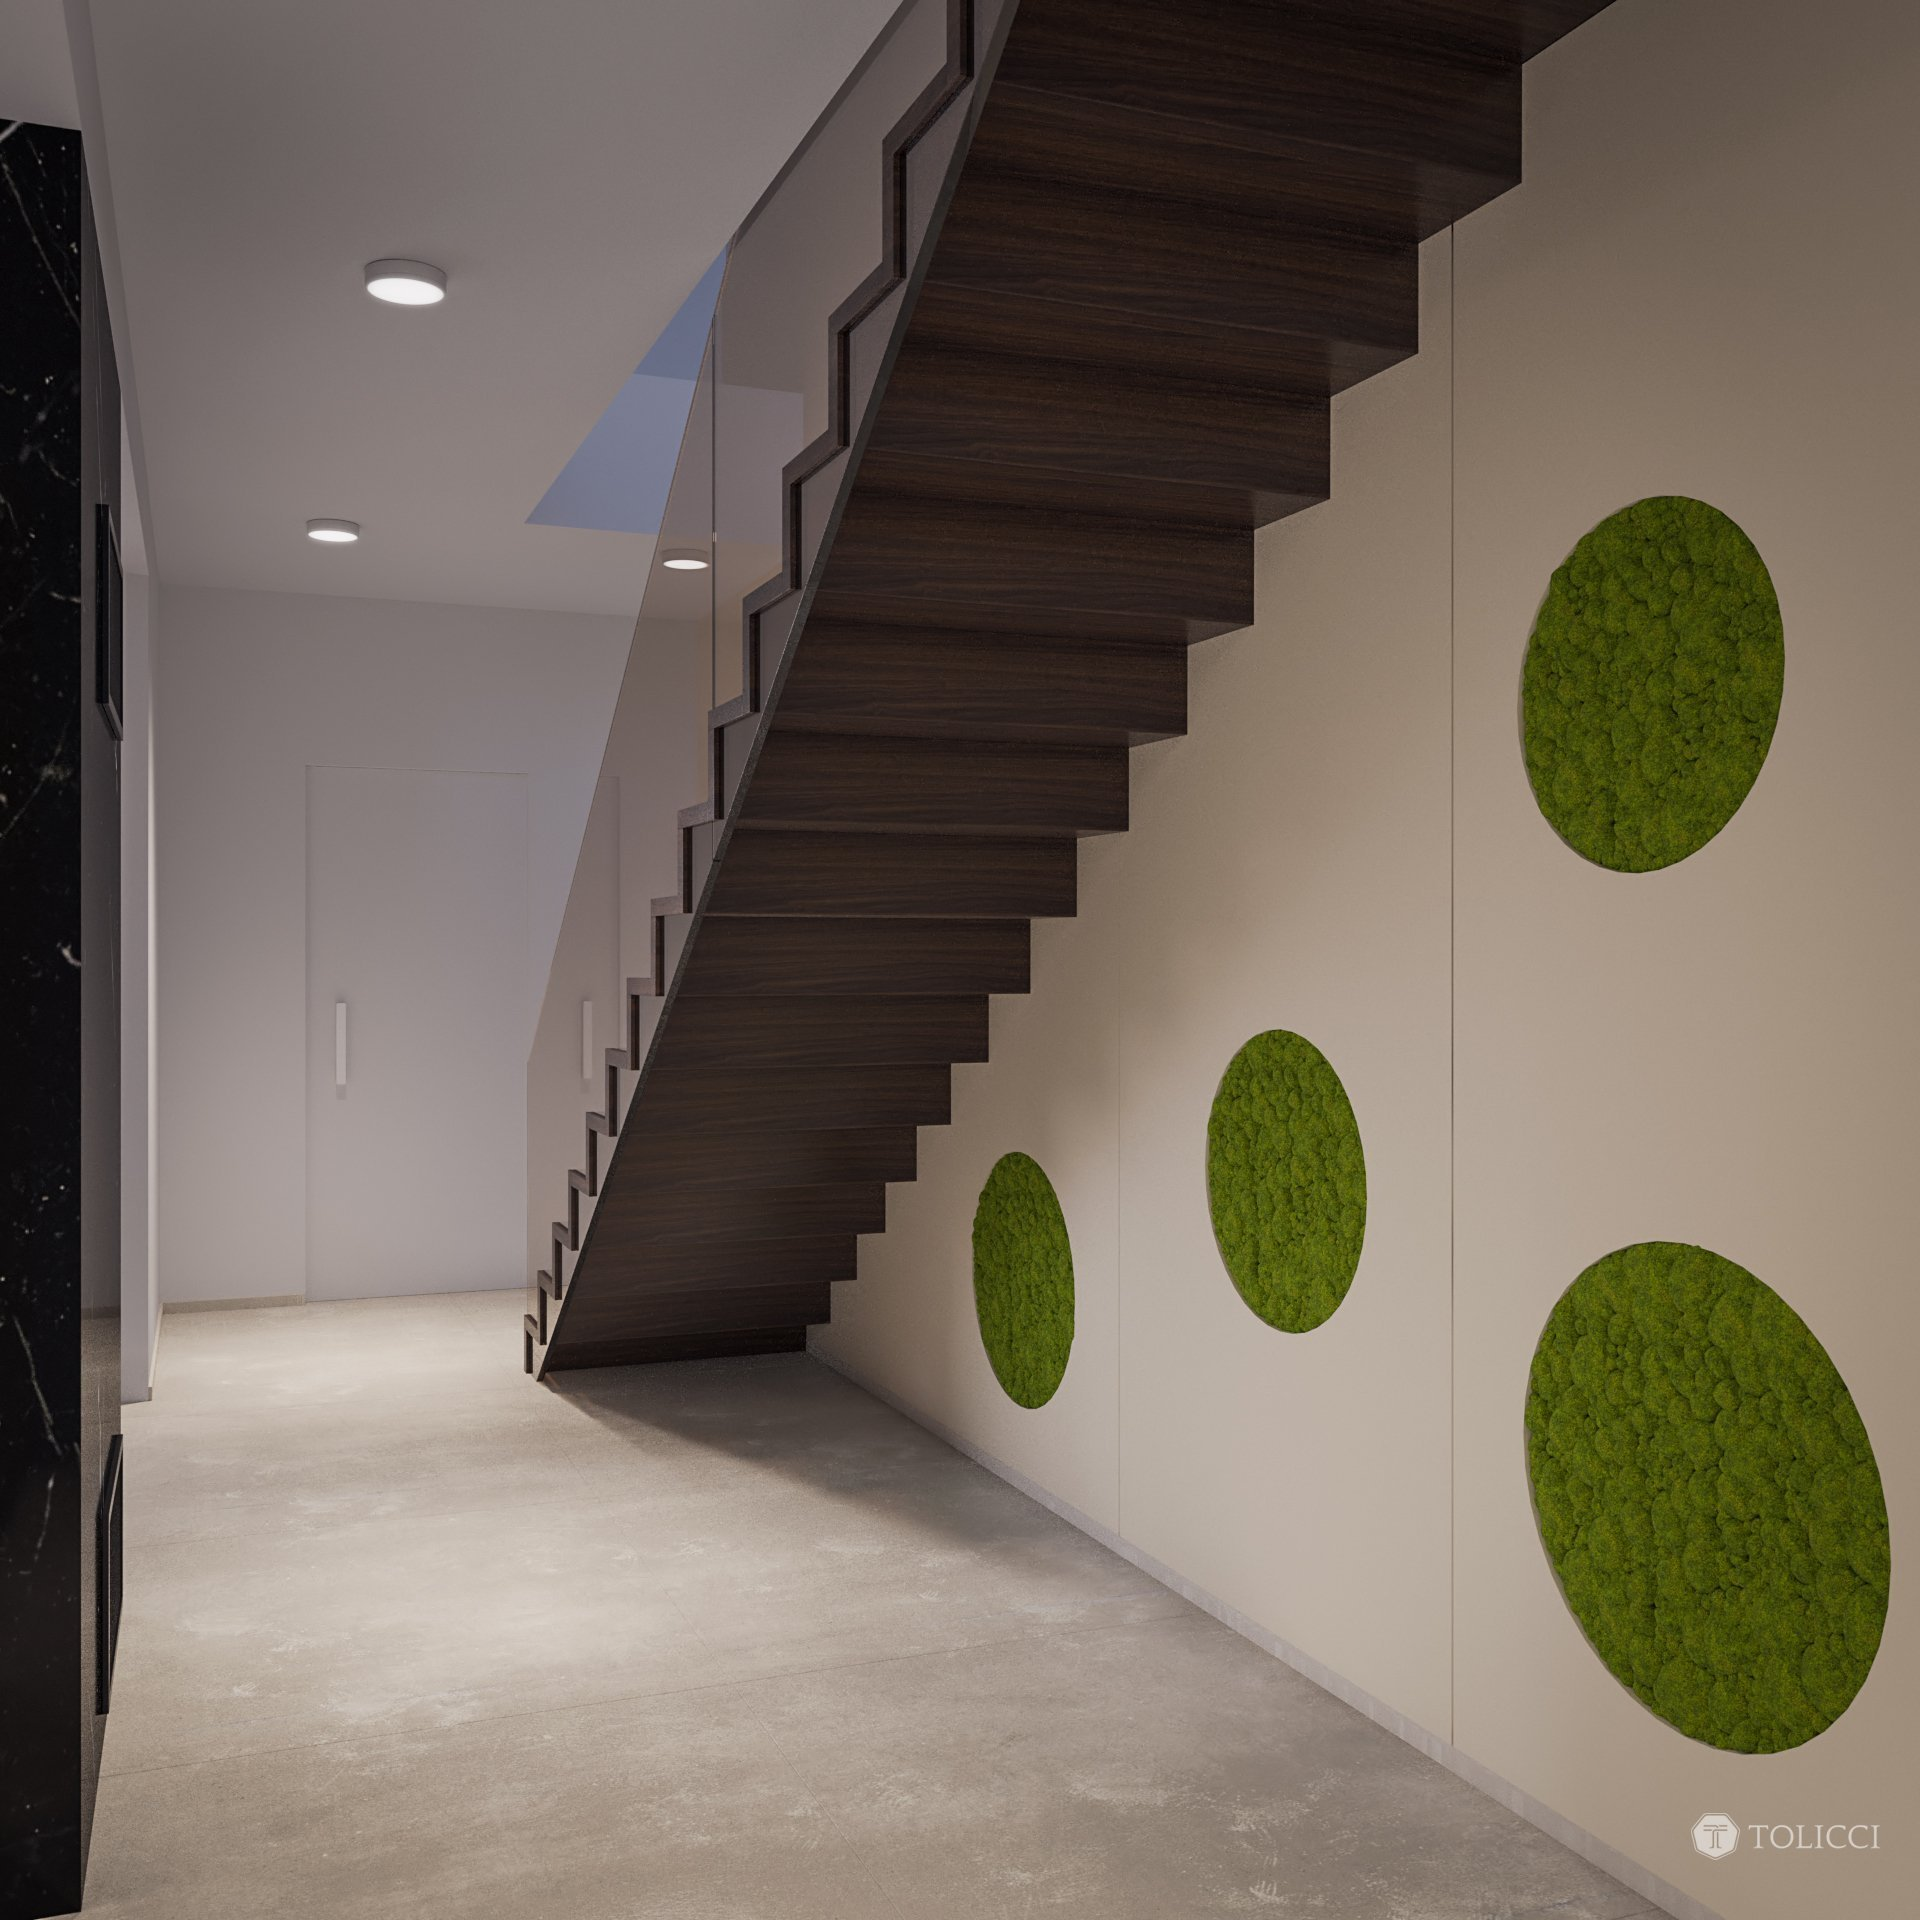 Návrh interiéru tejto rodinnej rezidencie je prioritne založený na základných princípoch identity tvorby interiérov TOLICCI. Základom sa stali zemité, teplé…